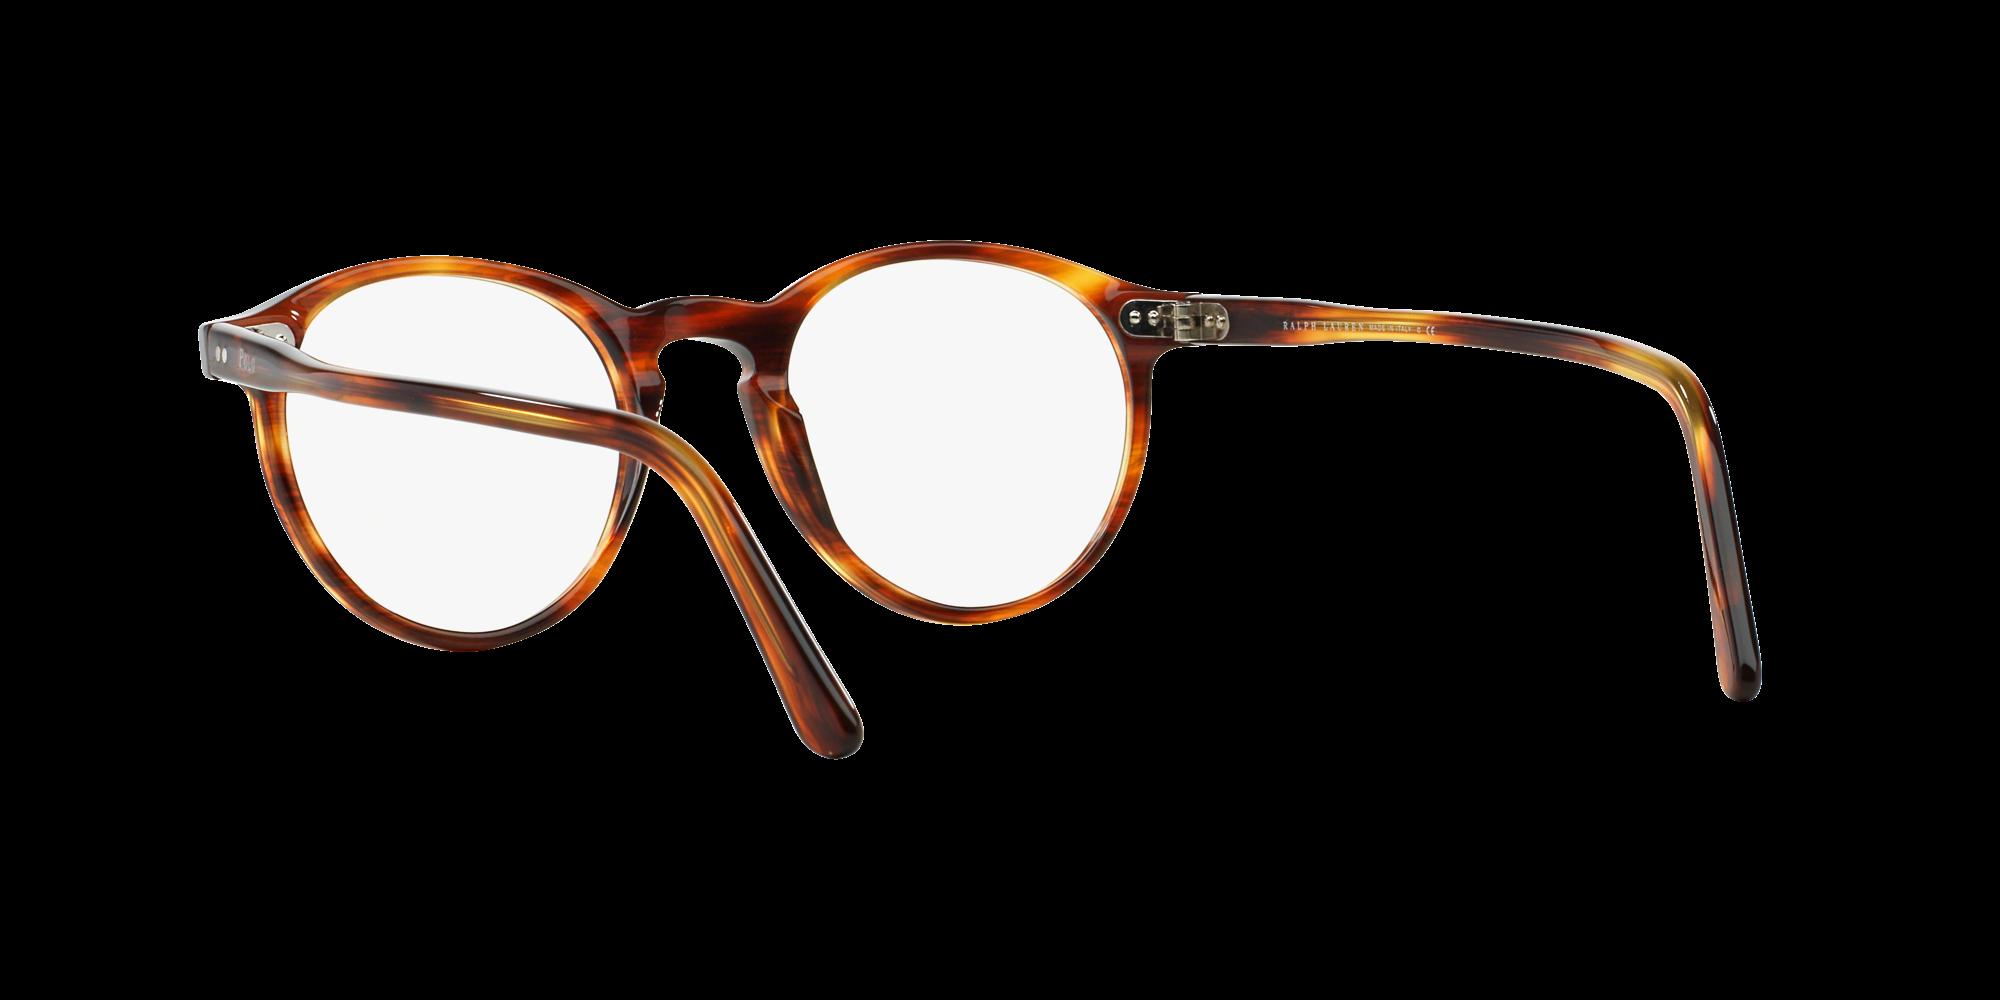 782894853c Eyeglasses Polo Ralph Lauren PH2083 5007 48-20 Tortoise Small